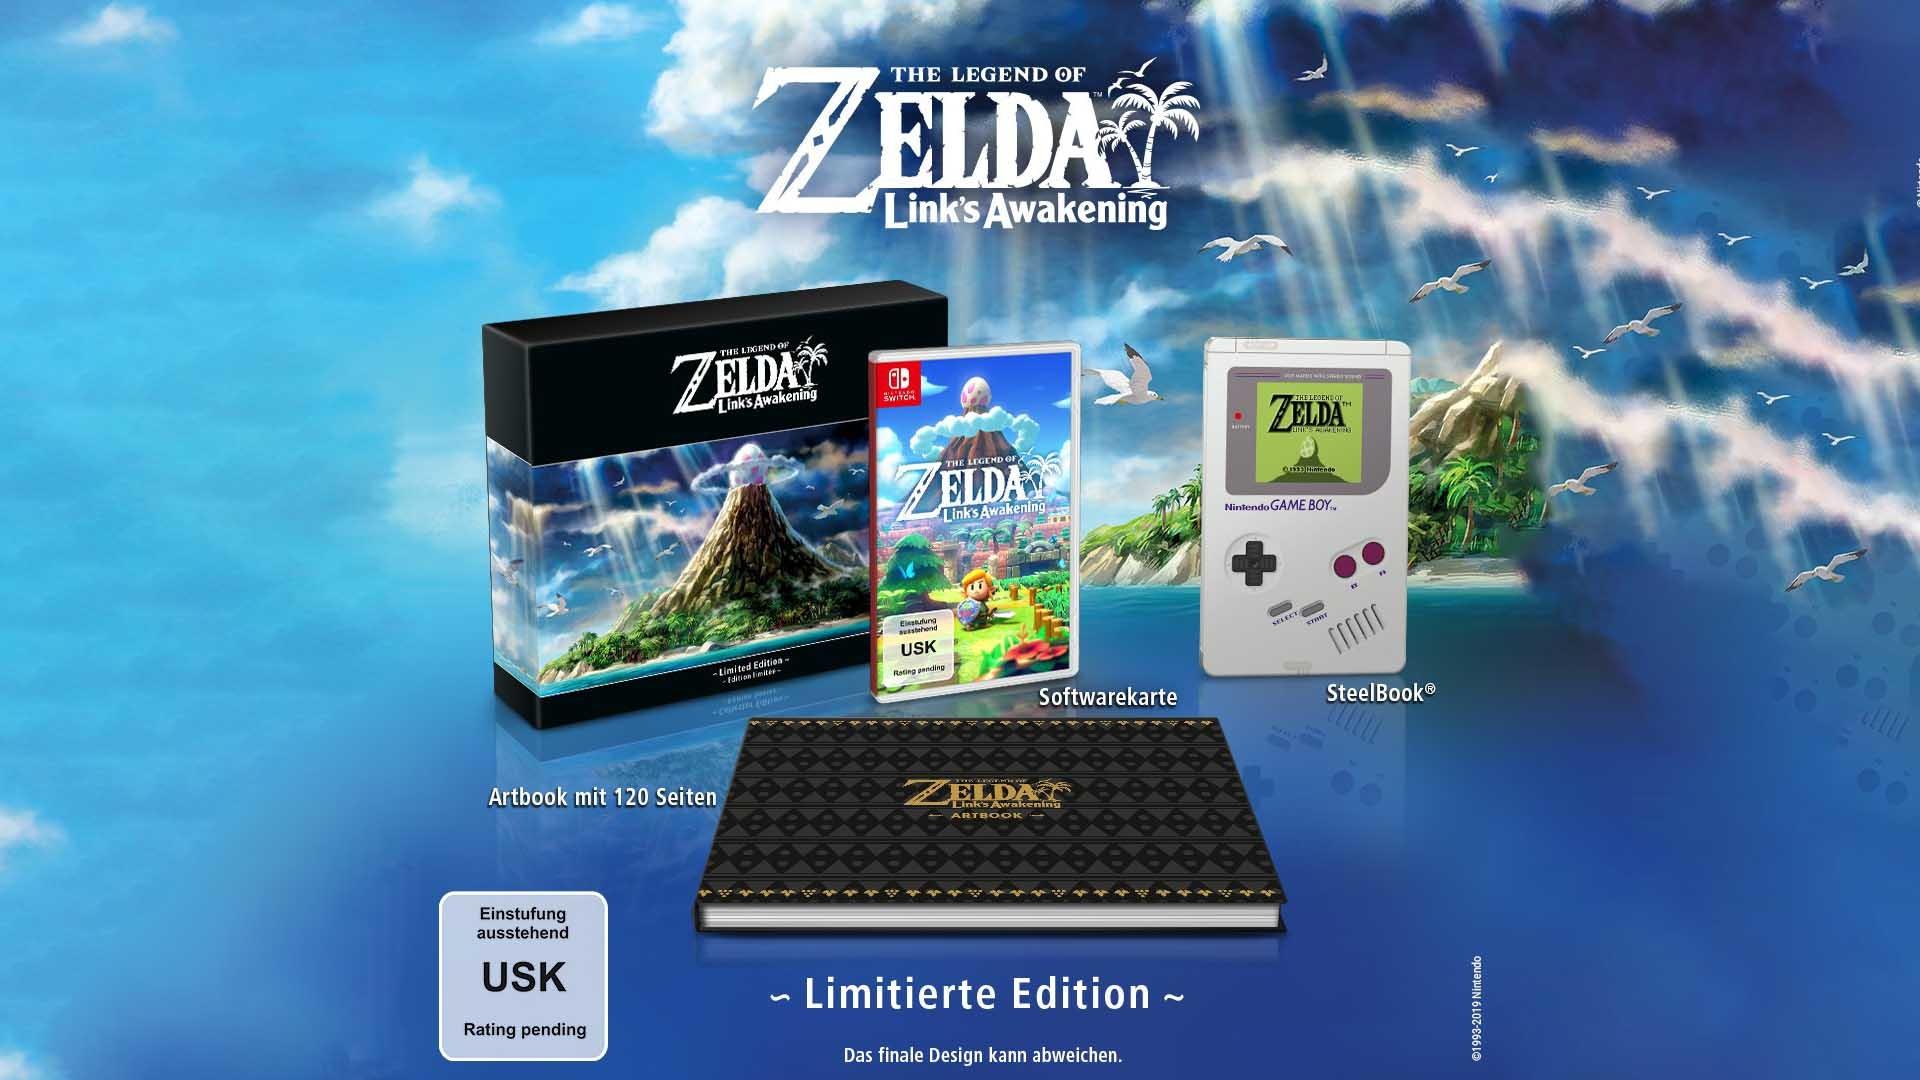 Zelda Links Awakening Limited Edition Bei Mediamarkt Vorbestellen